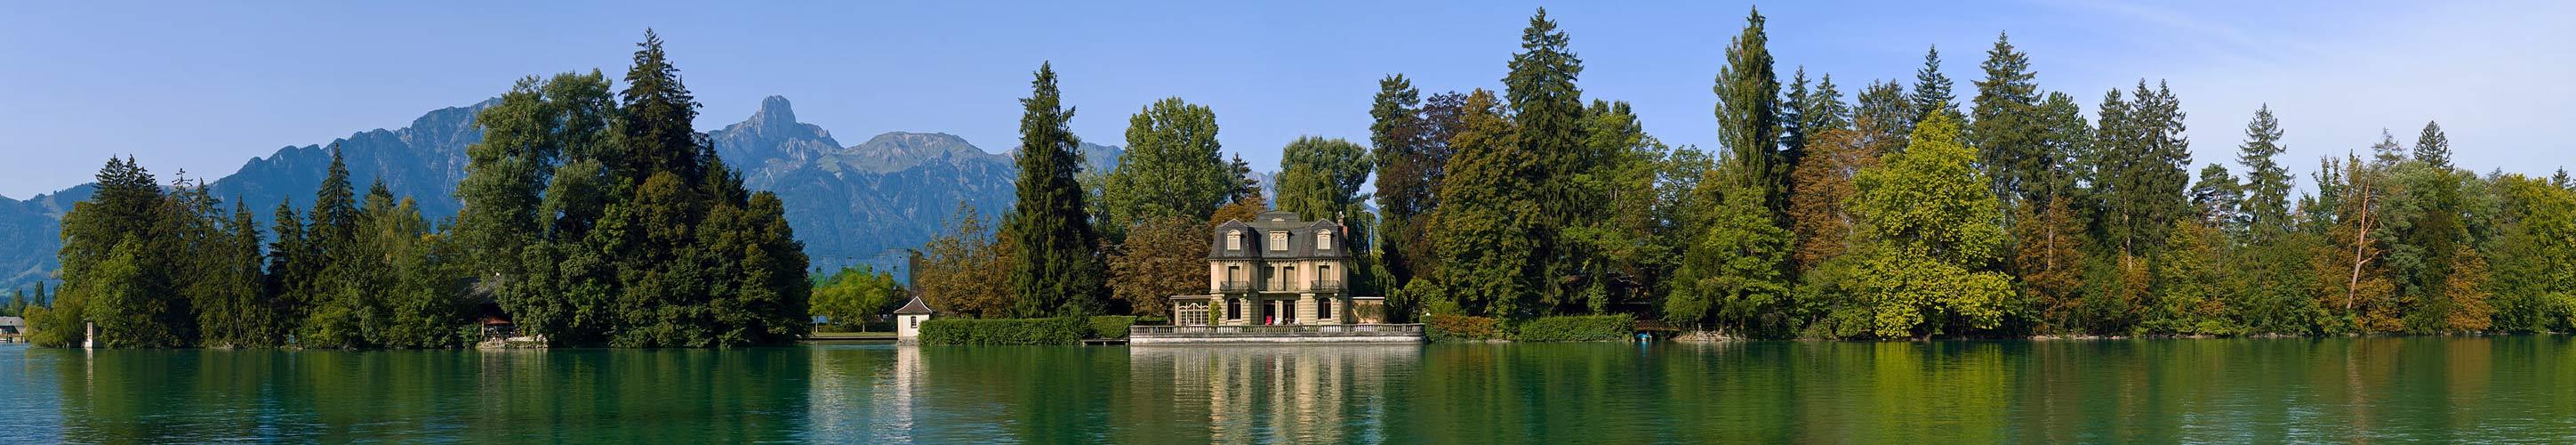 Villa am Thuner See